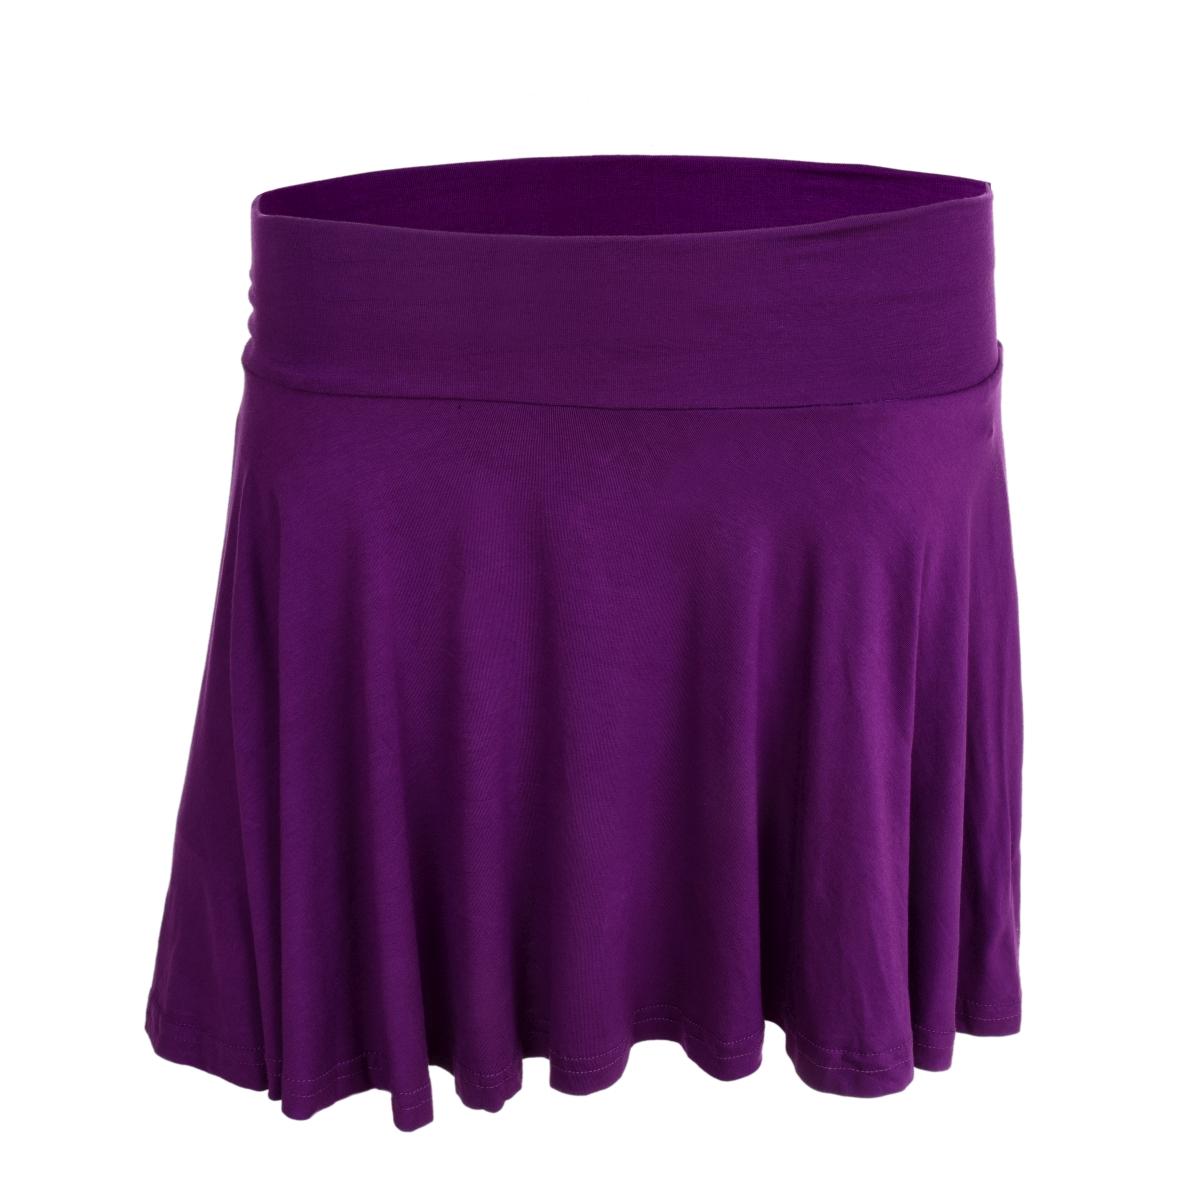 WHEELY kolová sukně fialová